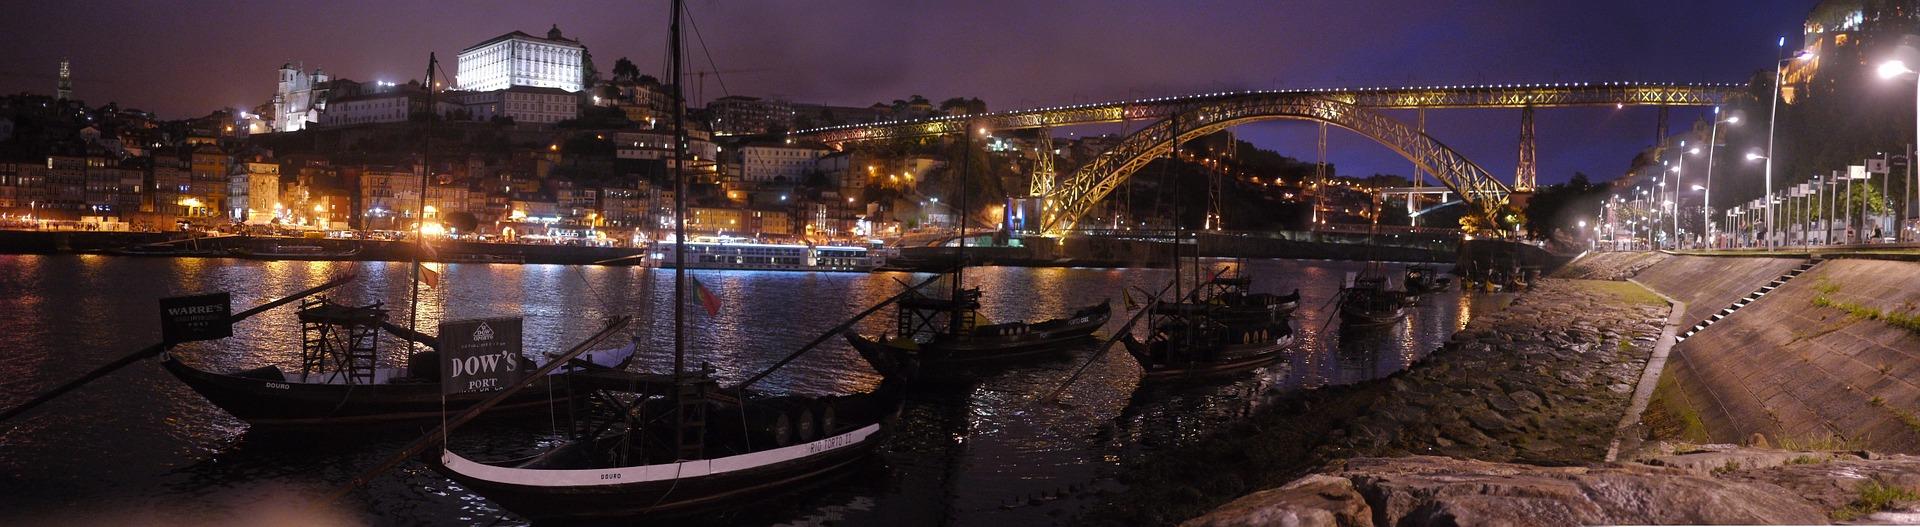 porto-1982471_1920